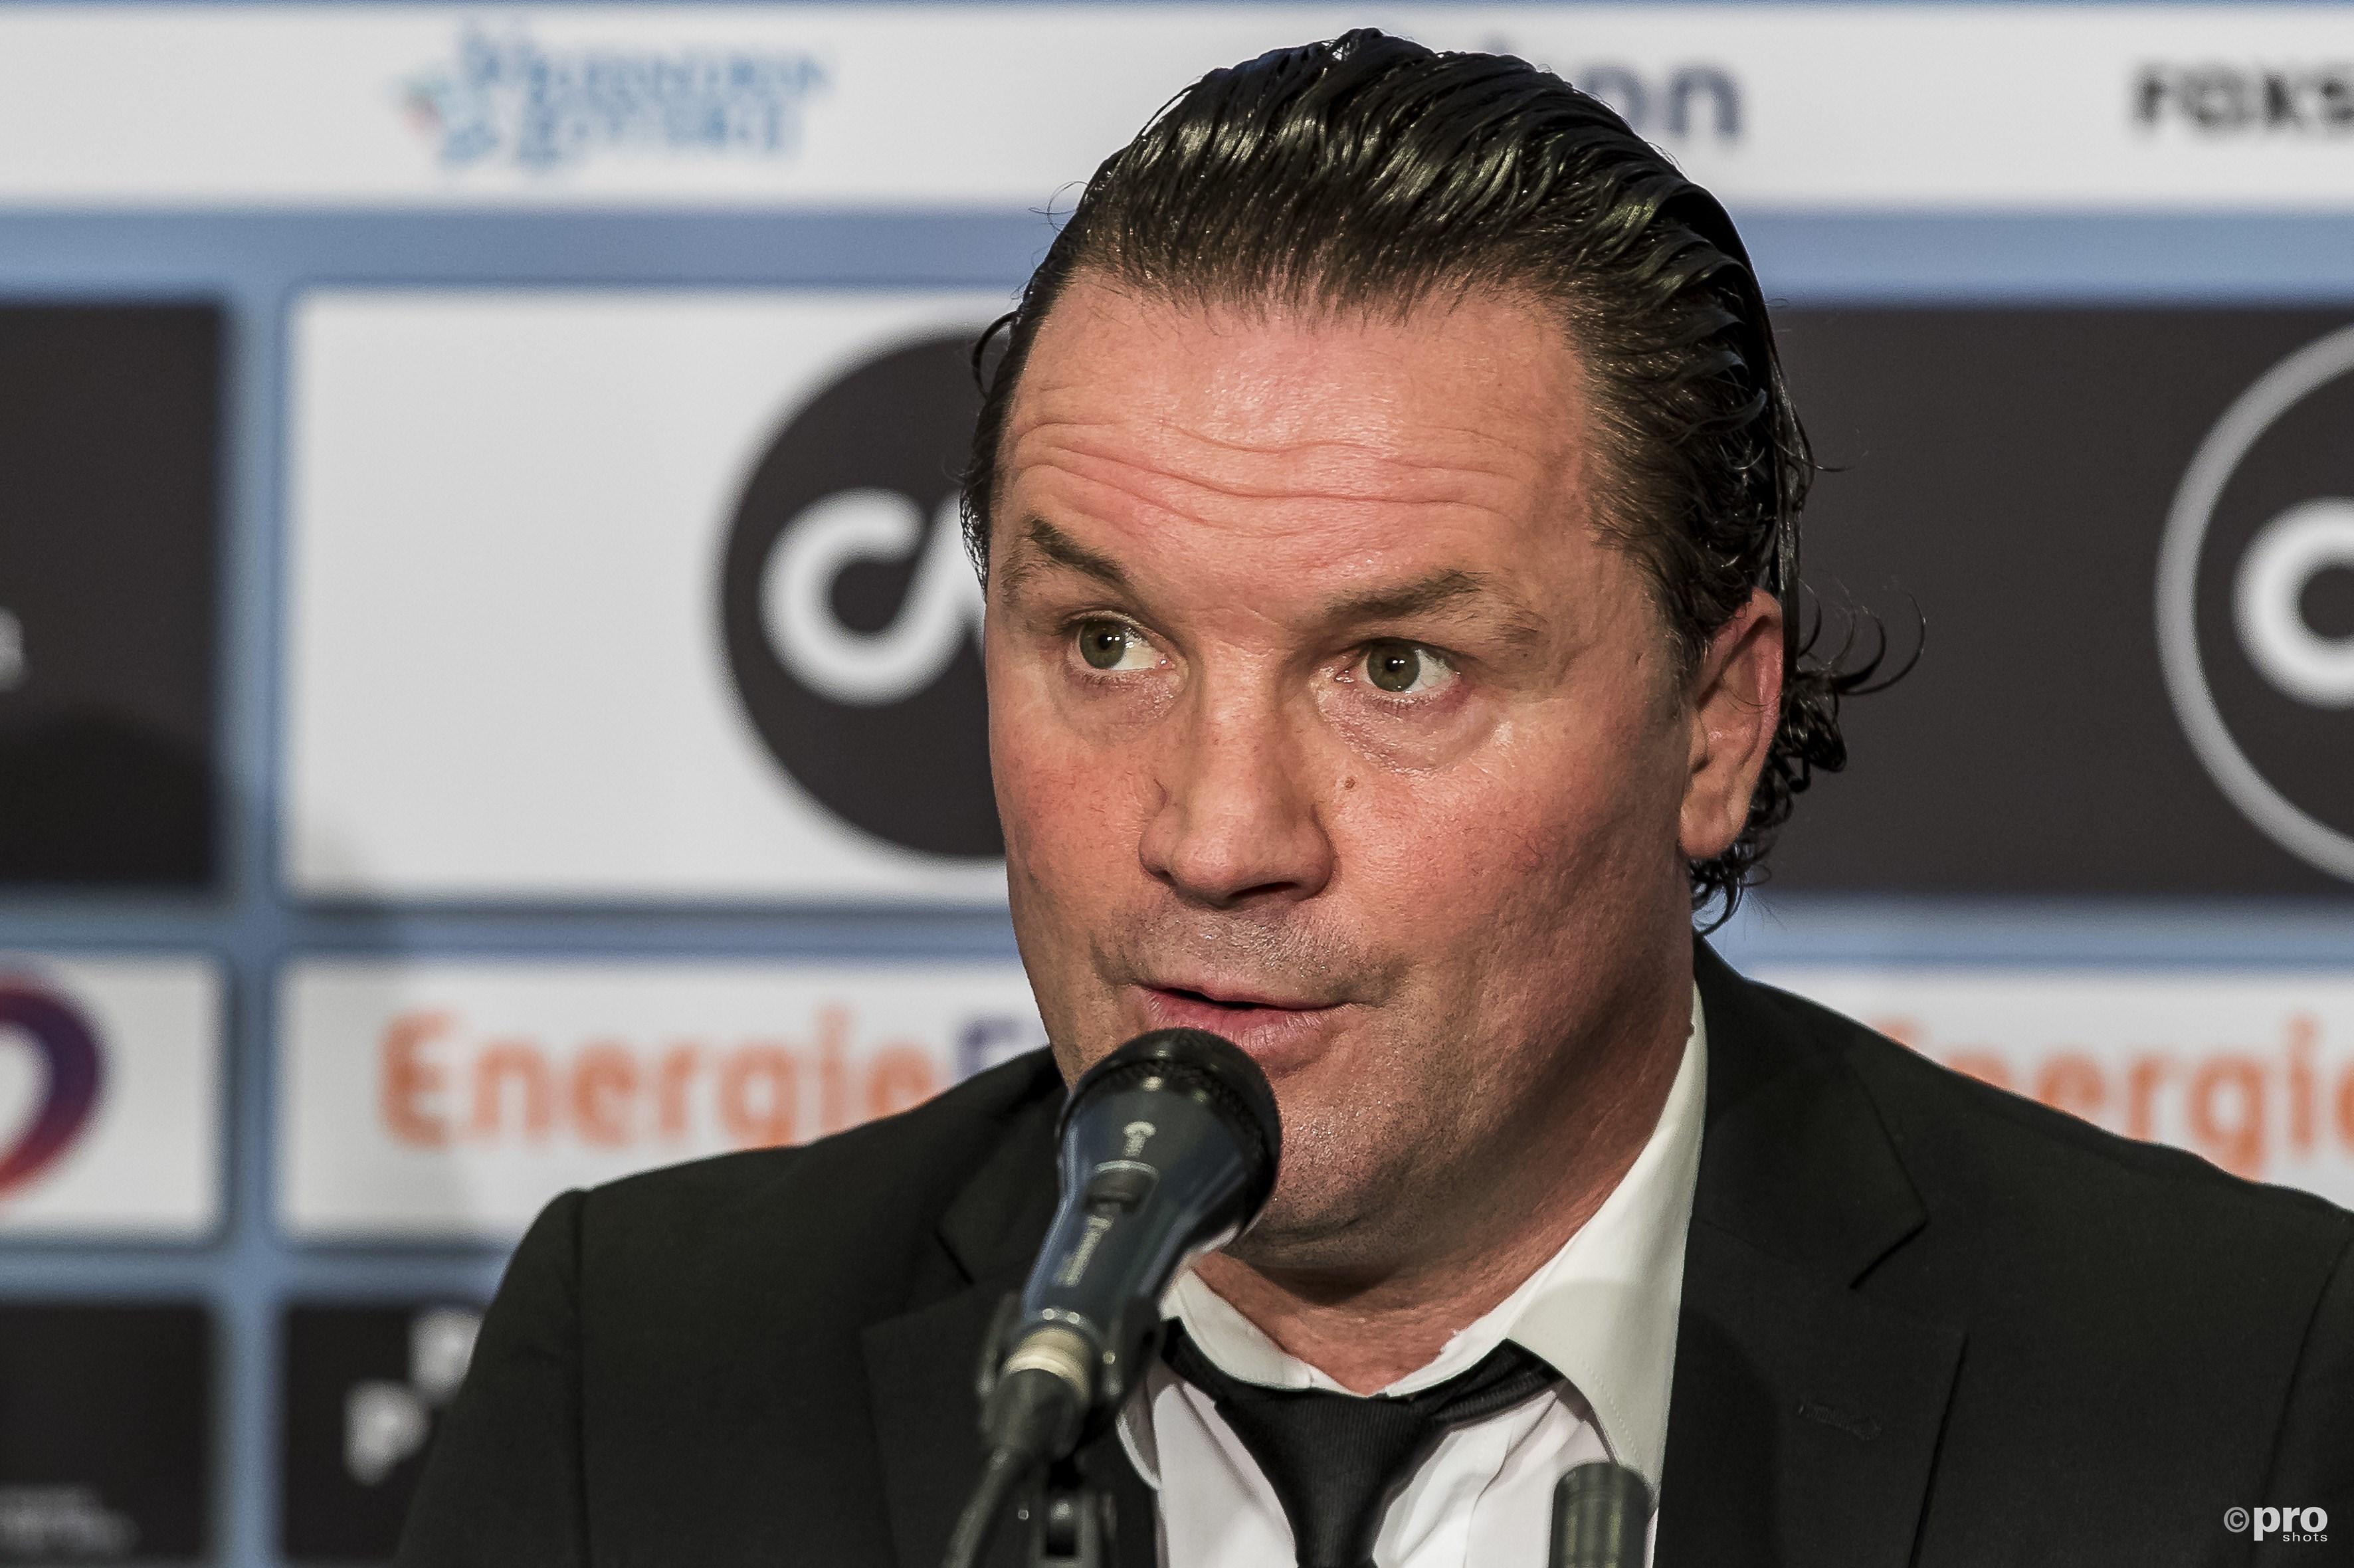 Vreven na anderhalf jaar weg bij NAC Breda (Pro Shots / Toin Damen)